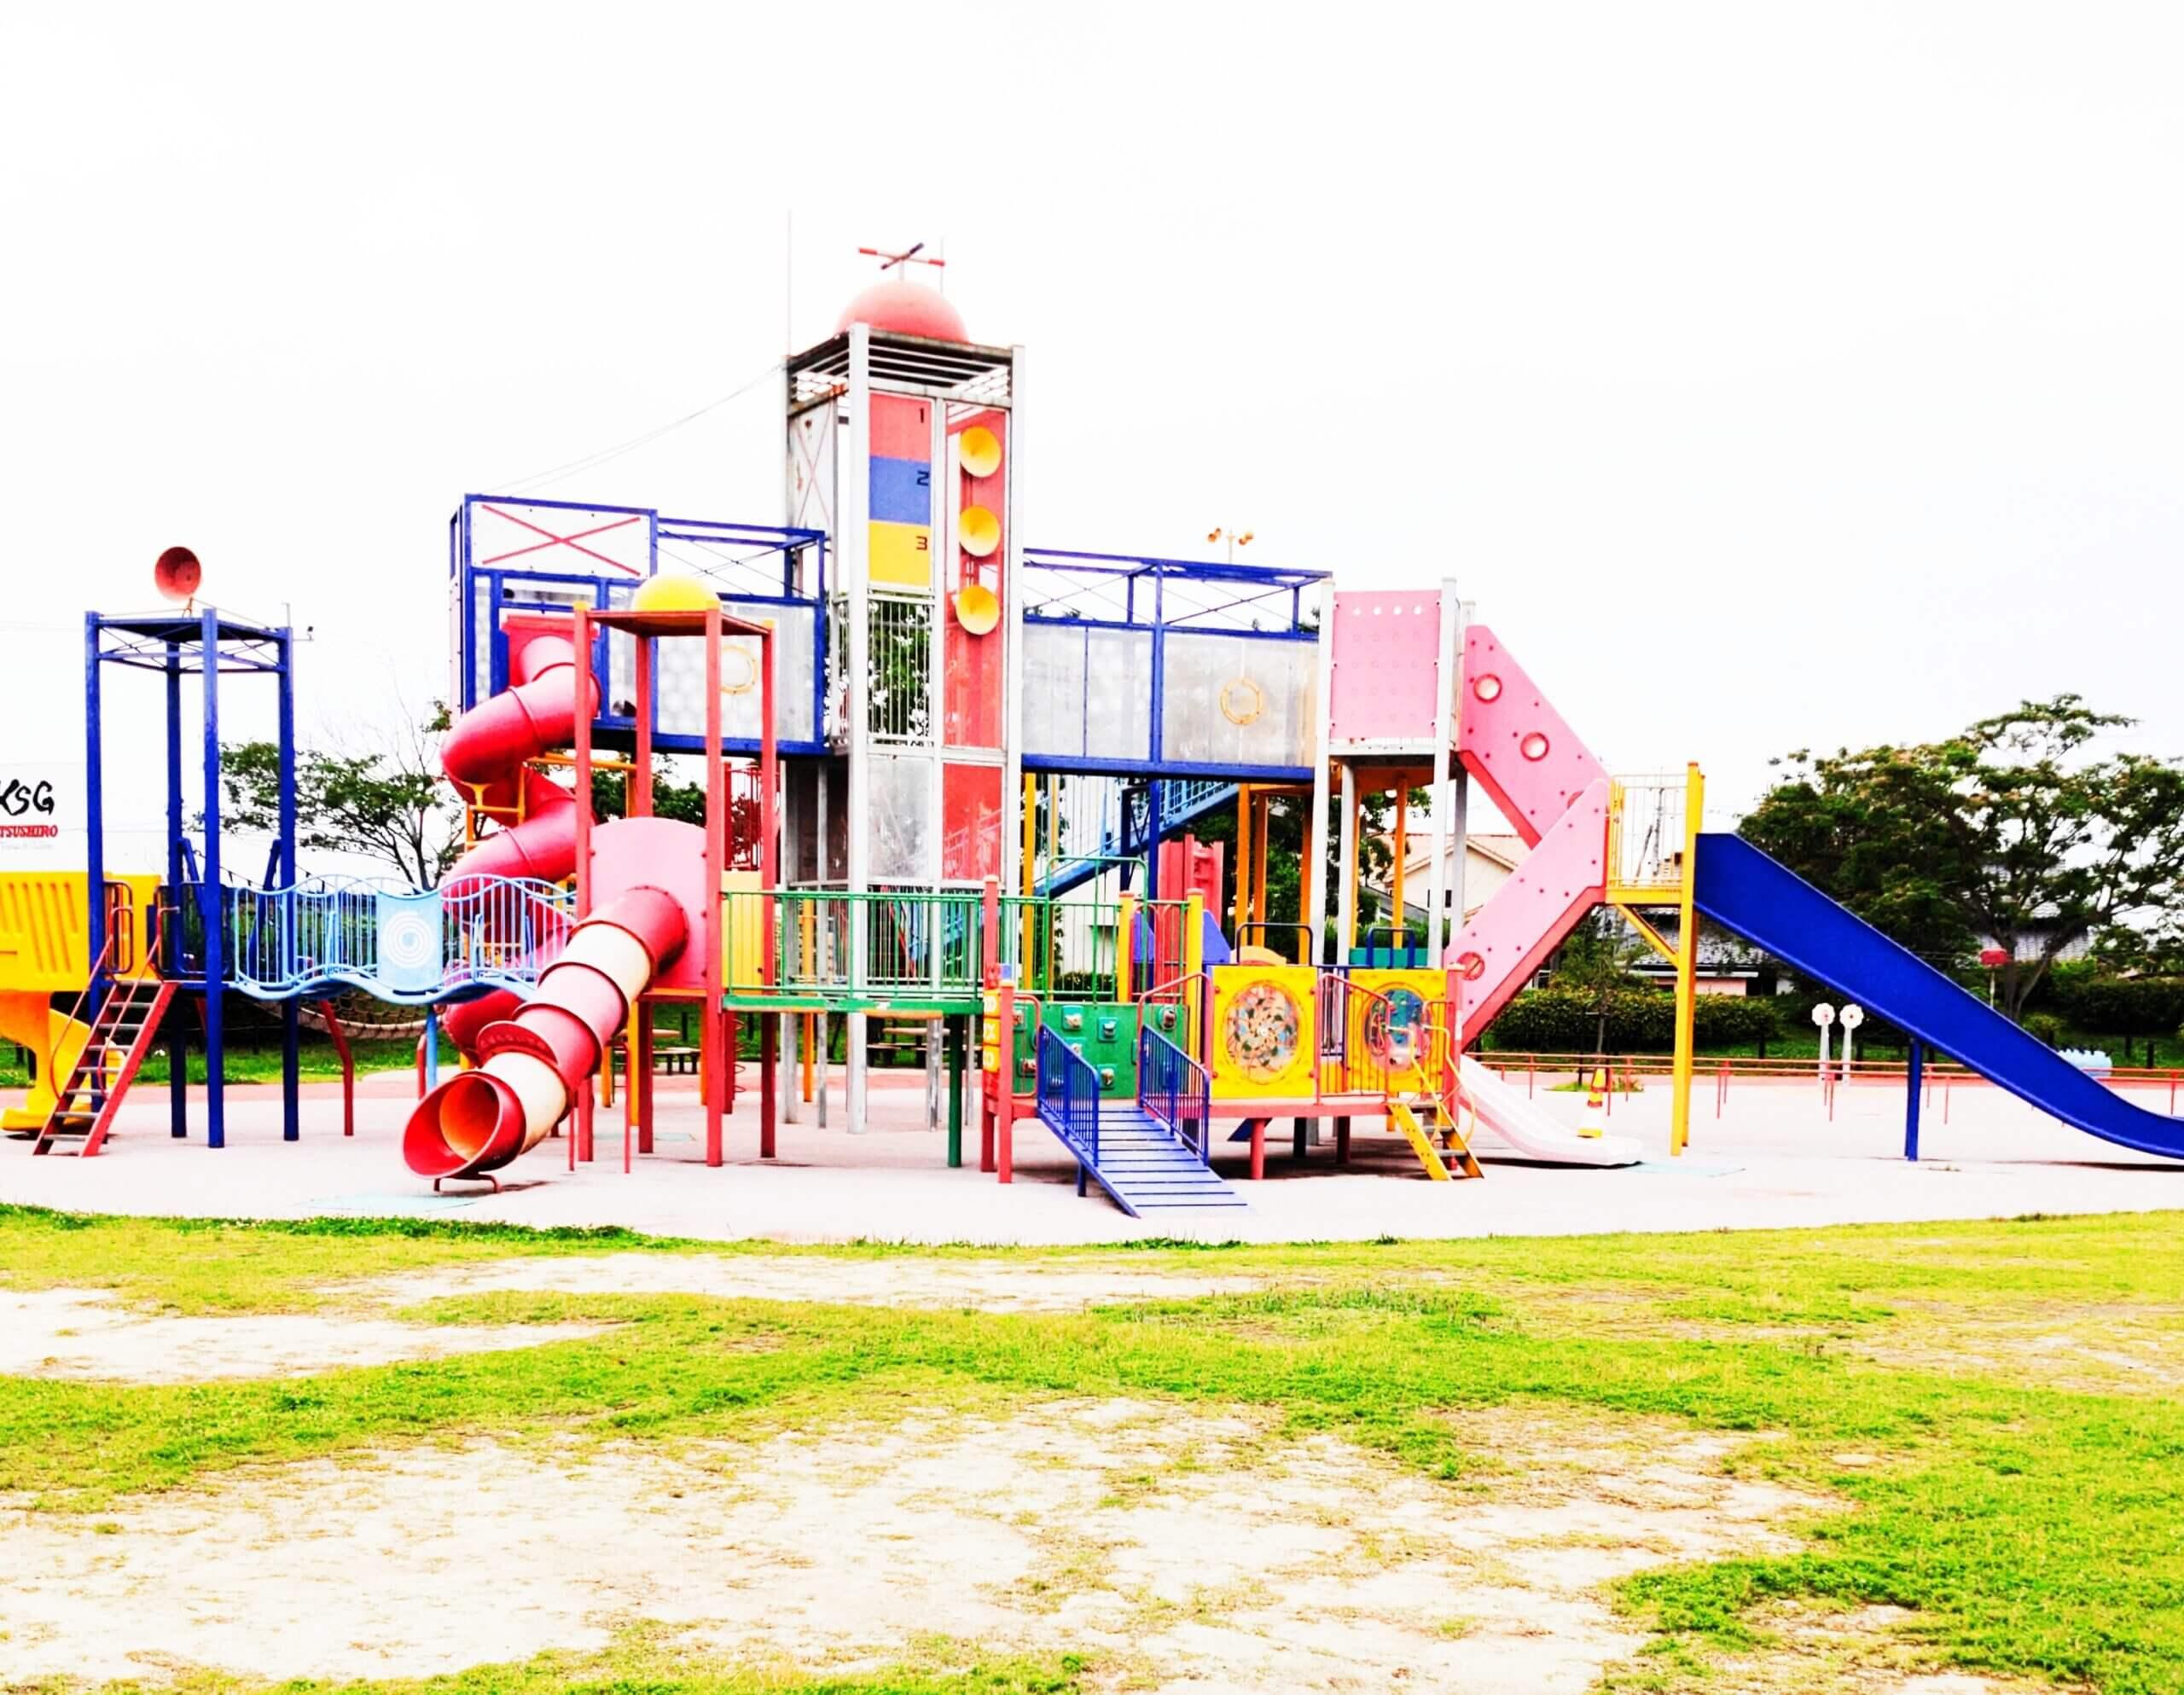 【新八代駅がめさん公園 – 八代市長田町 – 】大型複合遊具にターザンロープ♪八代妙見祭モチーフの公園